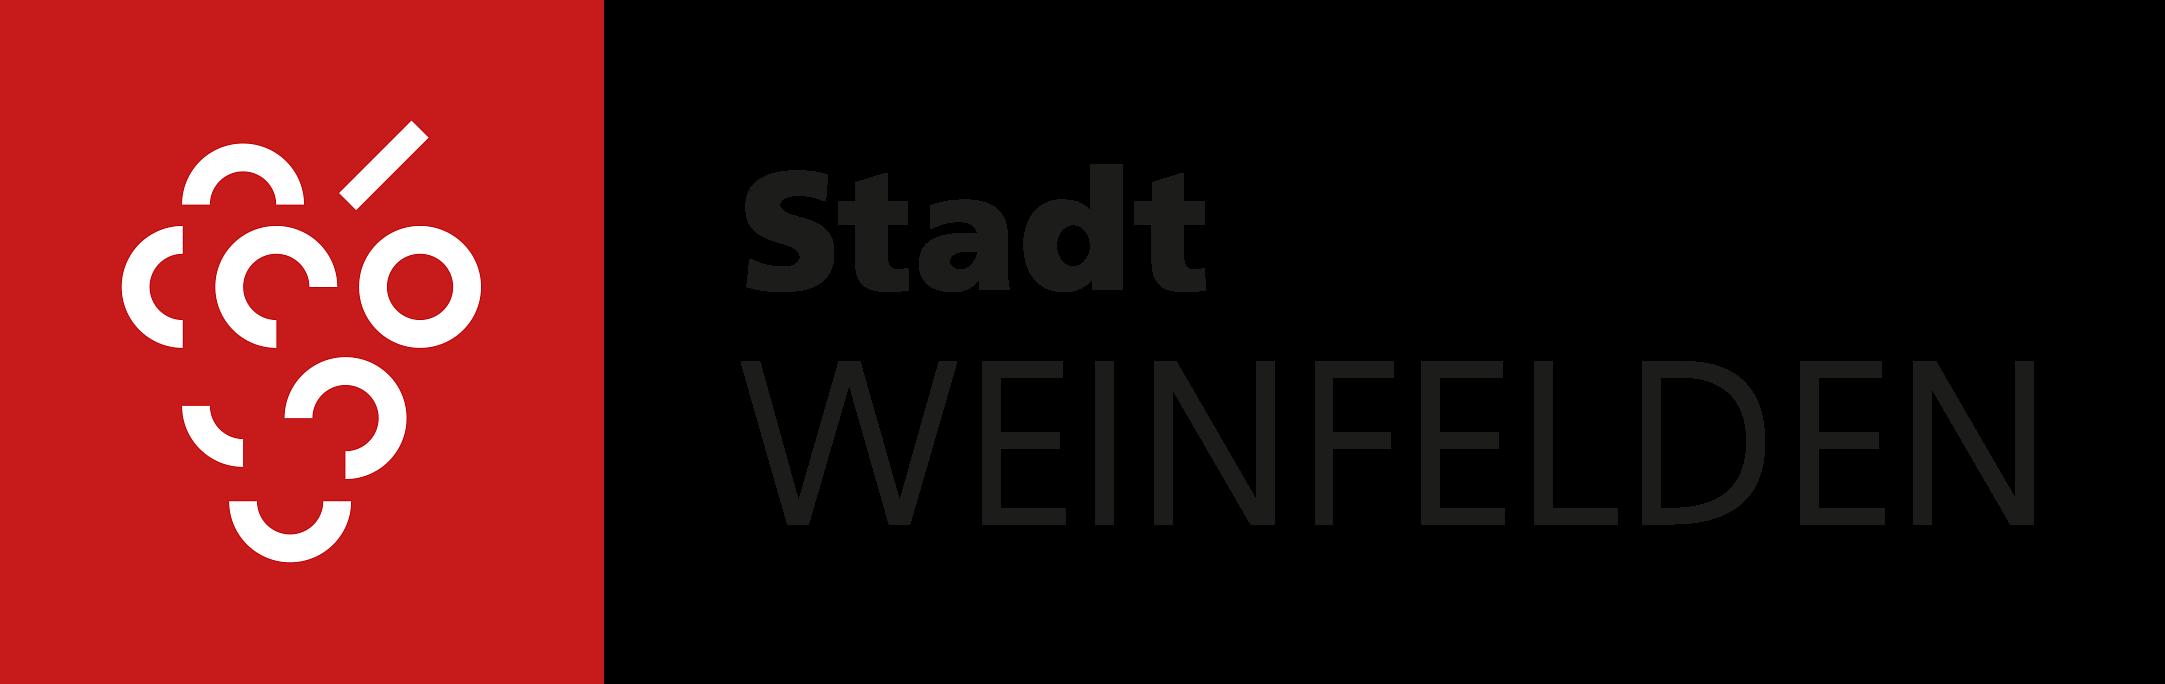 Stadtverwaltung Weinfelden